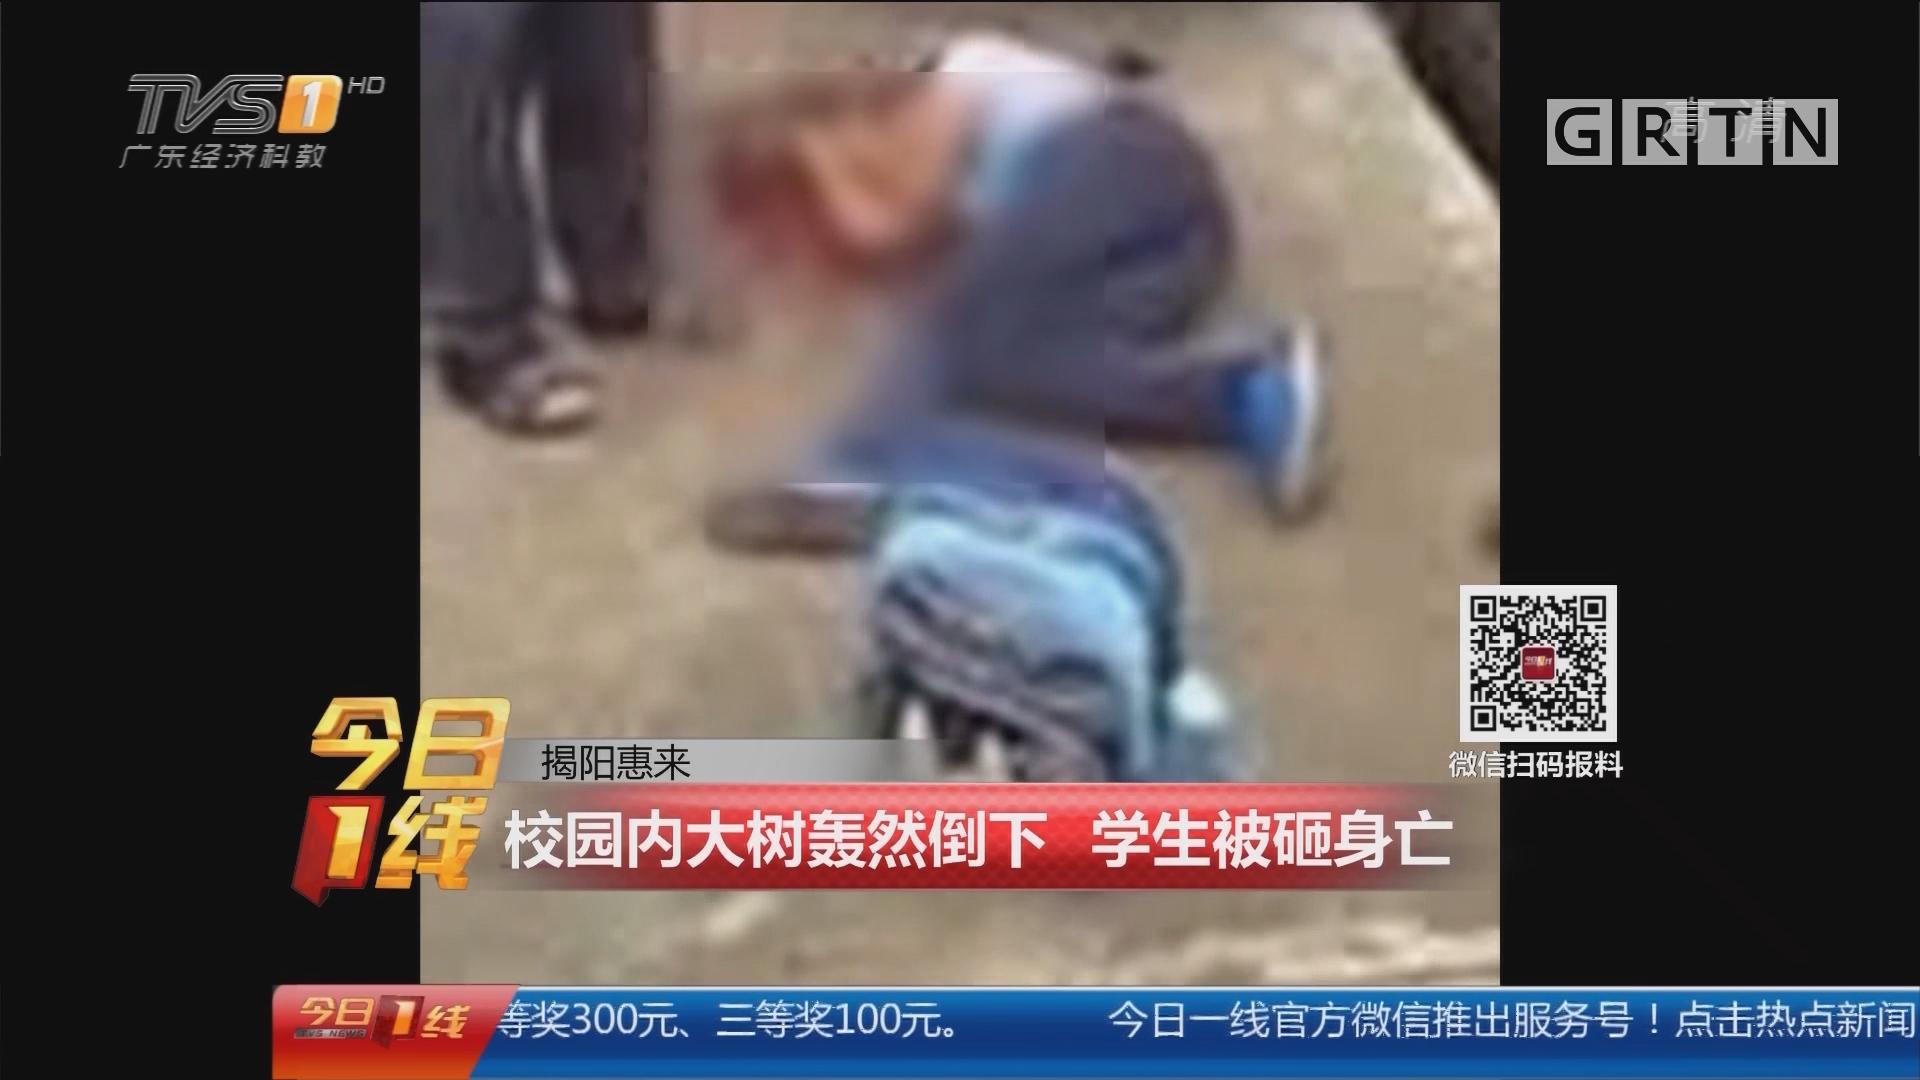 揭阳惠来:校园内大树轰然倒下 学生被砸身亡